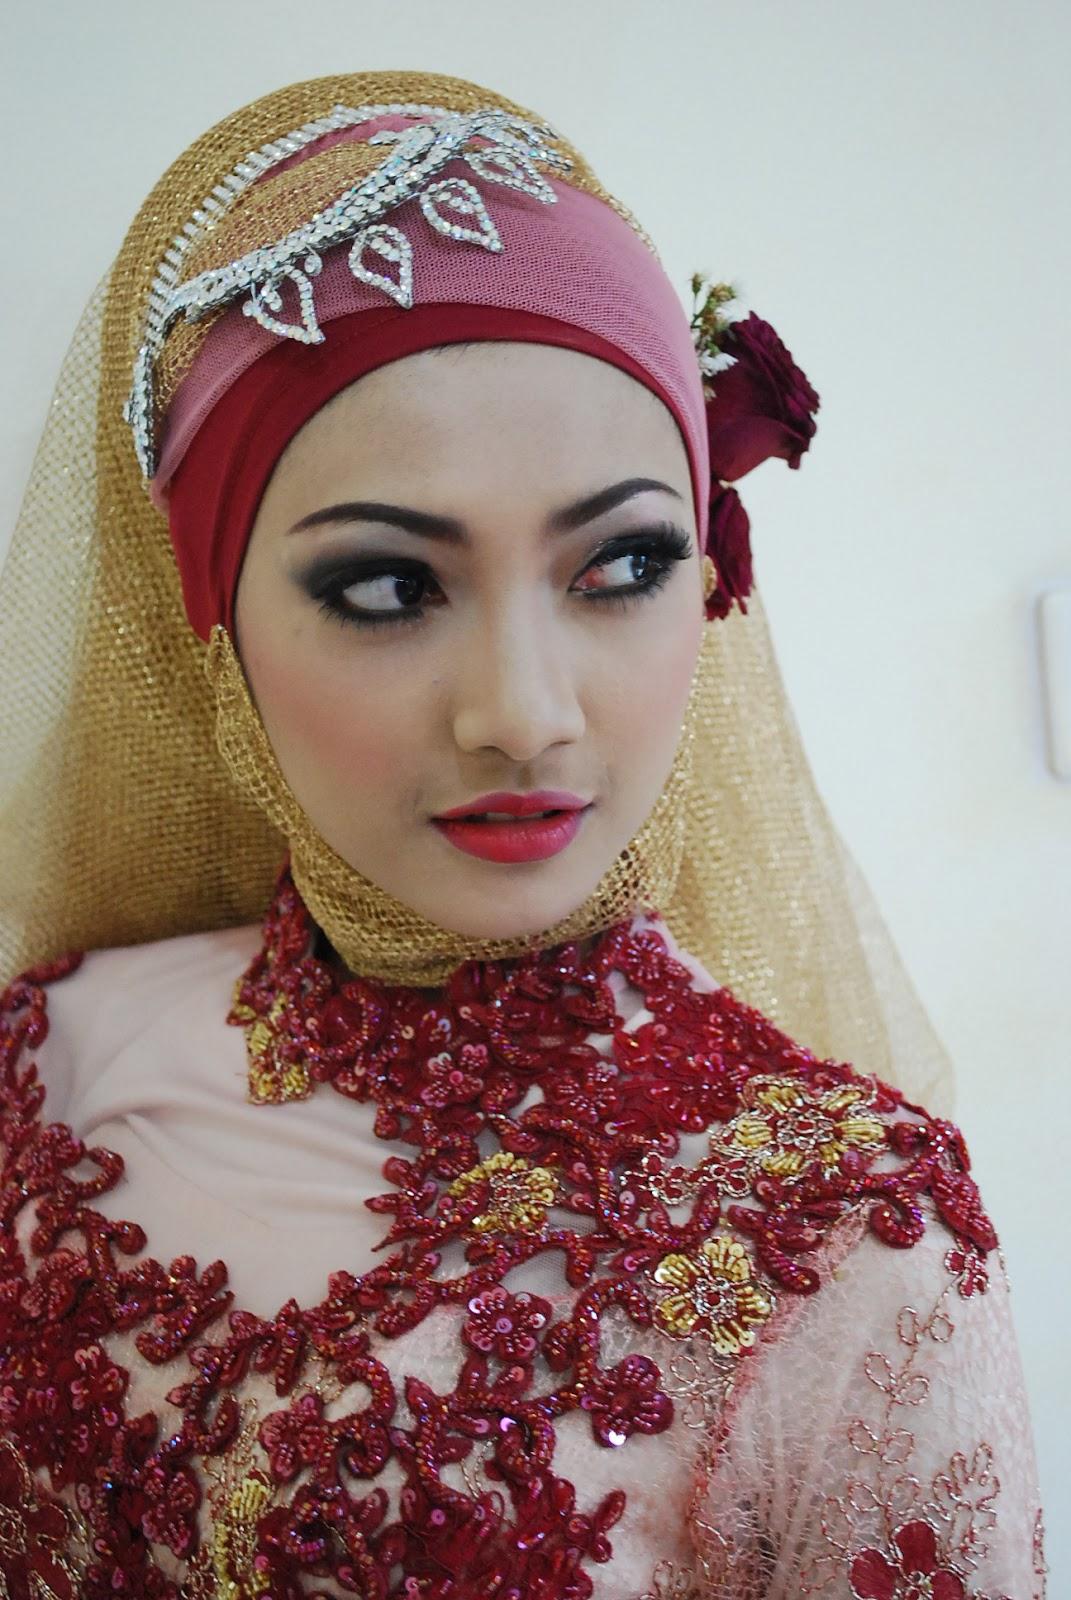 Memilih Hijab Yang Cantik Di Tutorial Hijab Youtube Untuk Pengantin